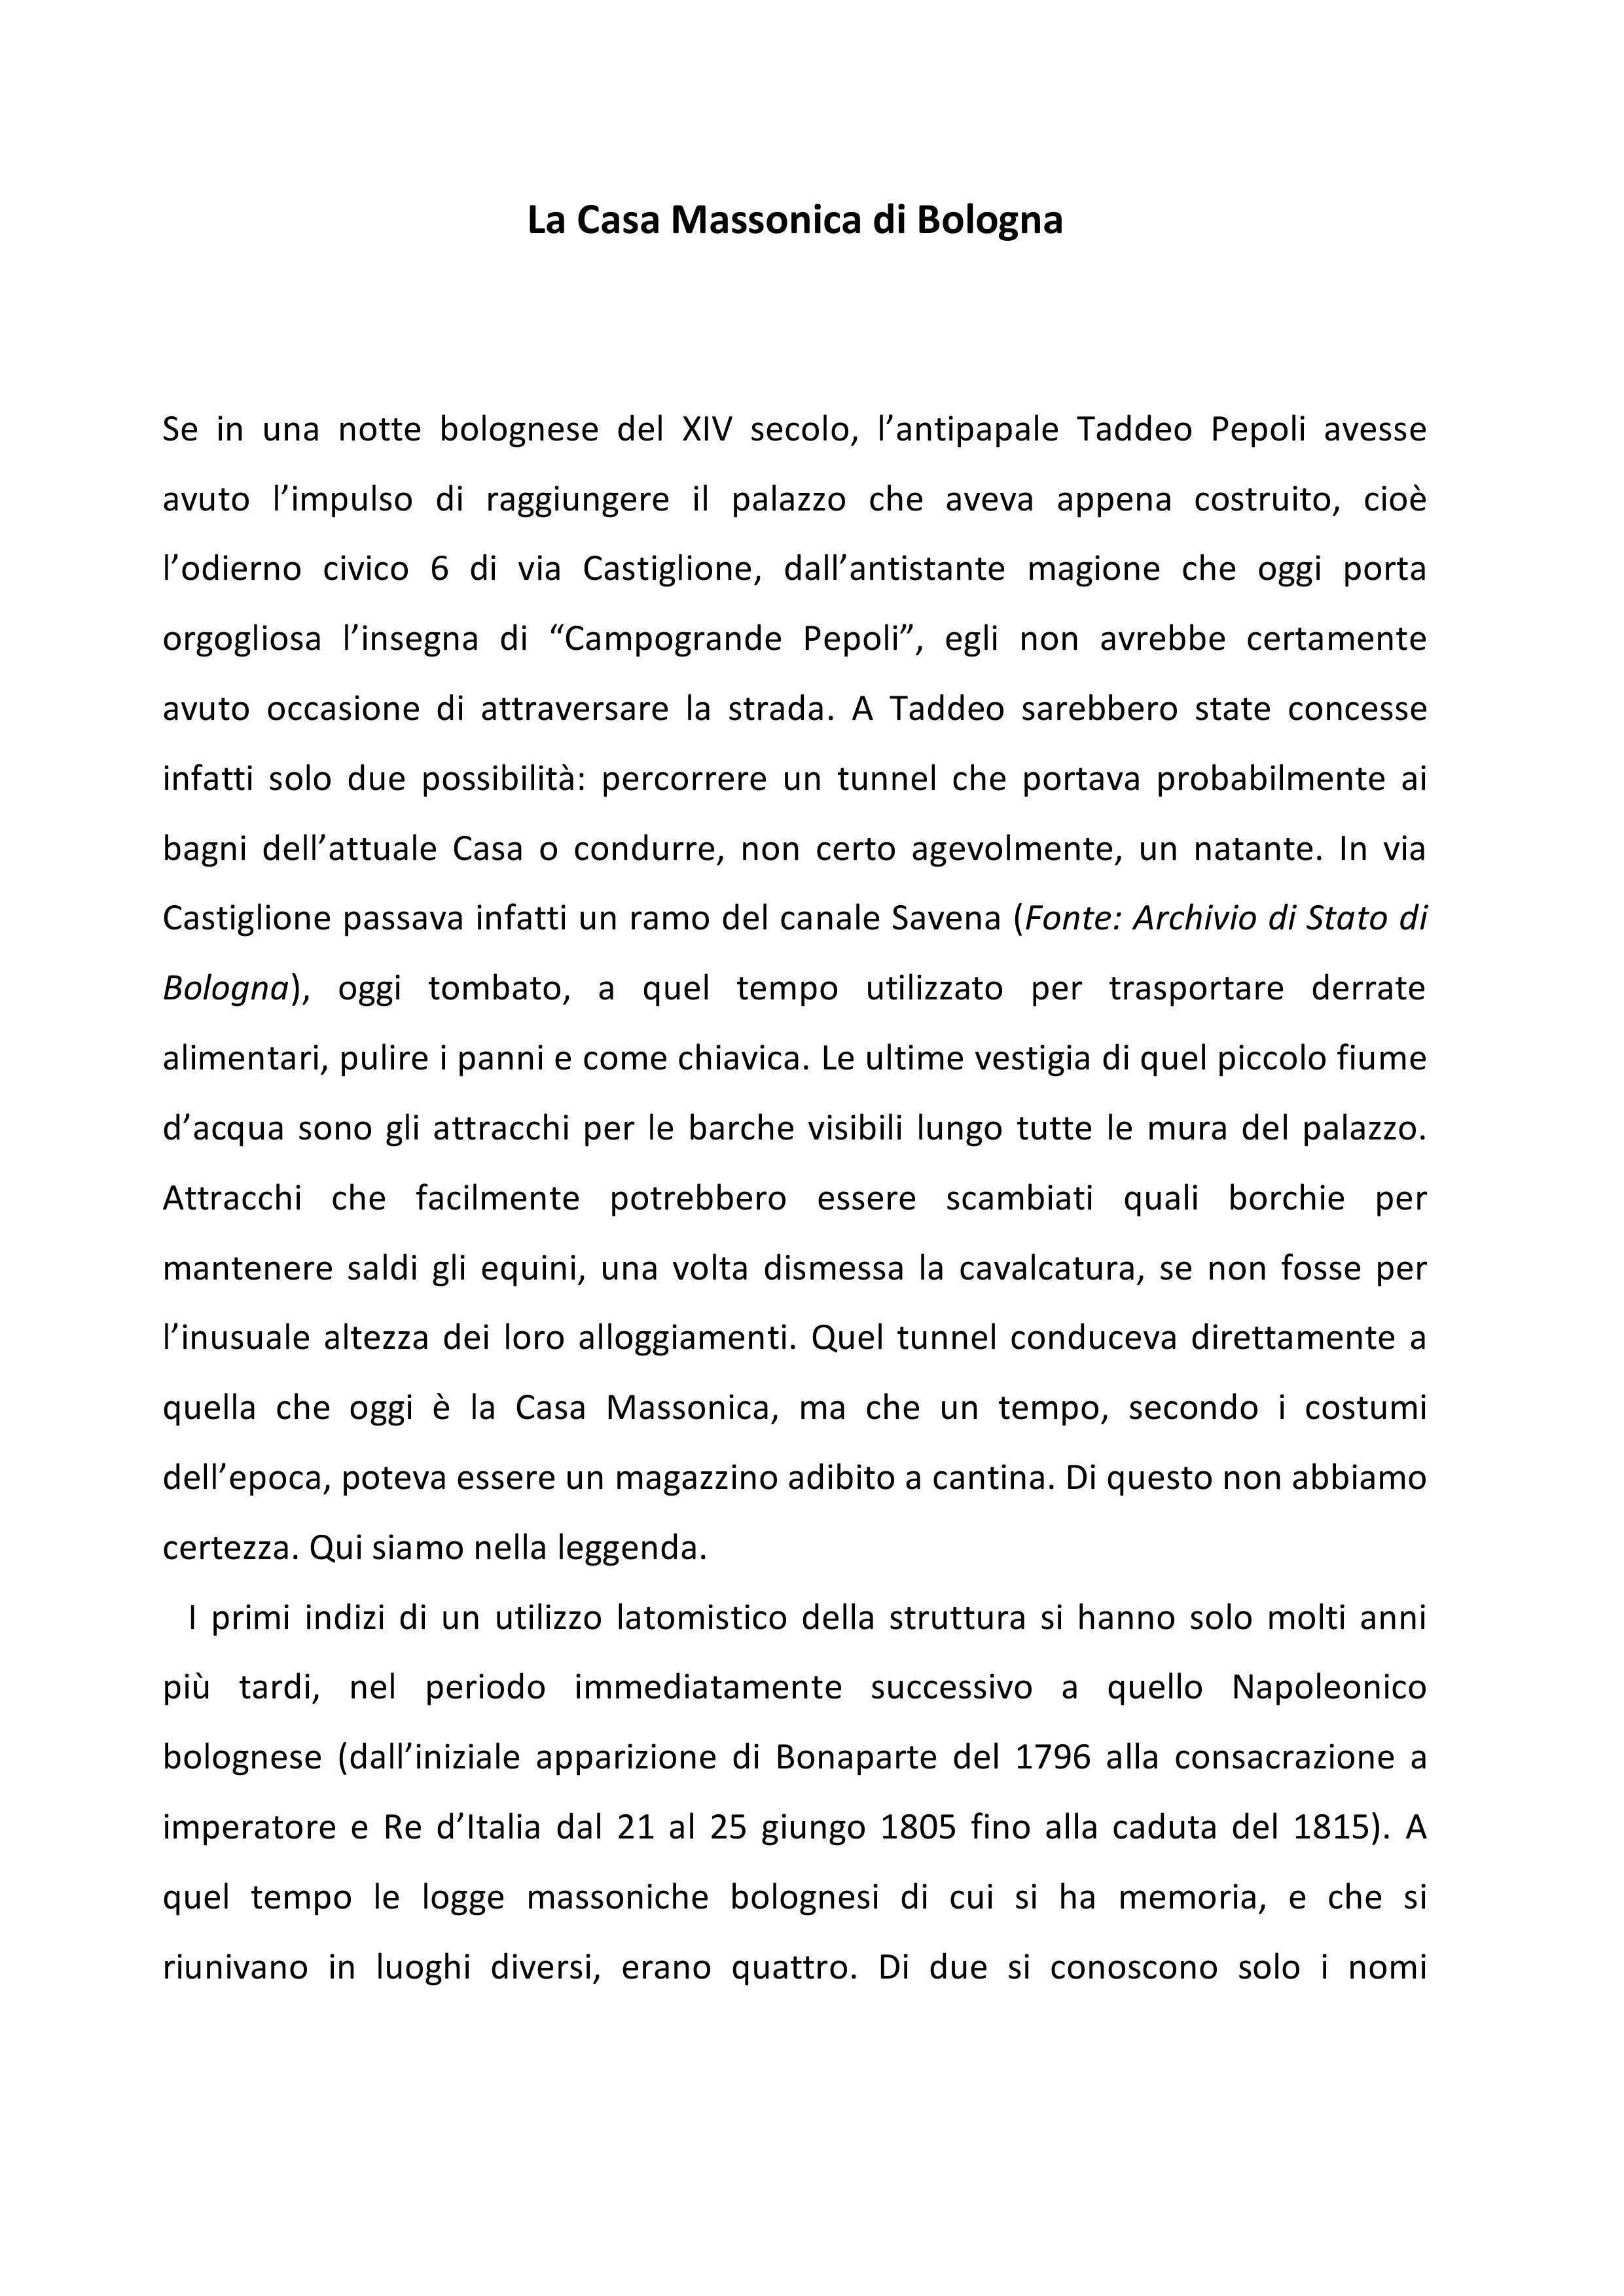 La storia della Casa Massonica di Bologna